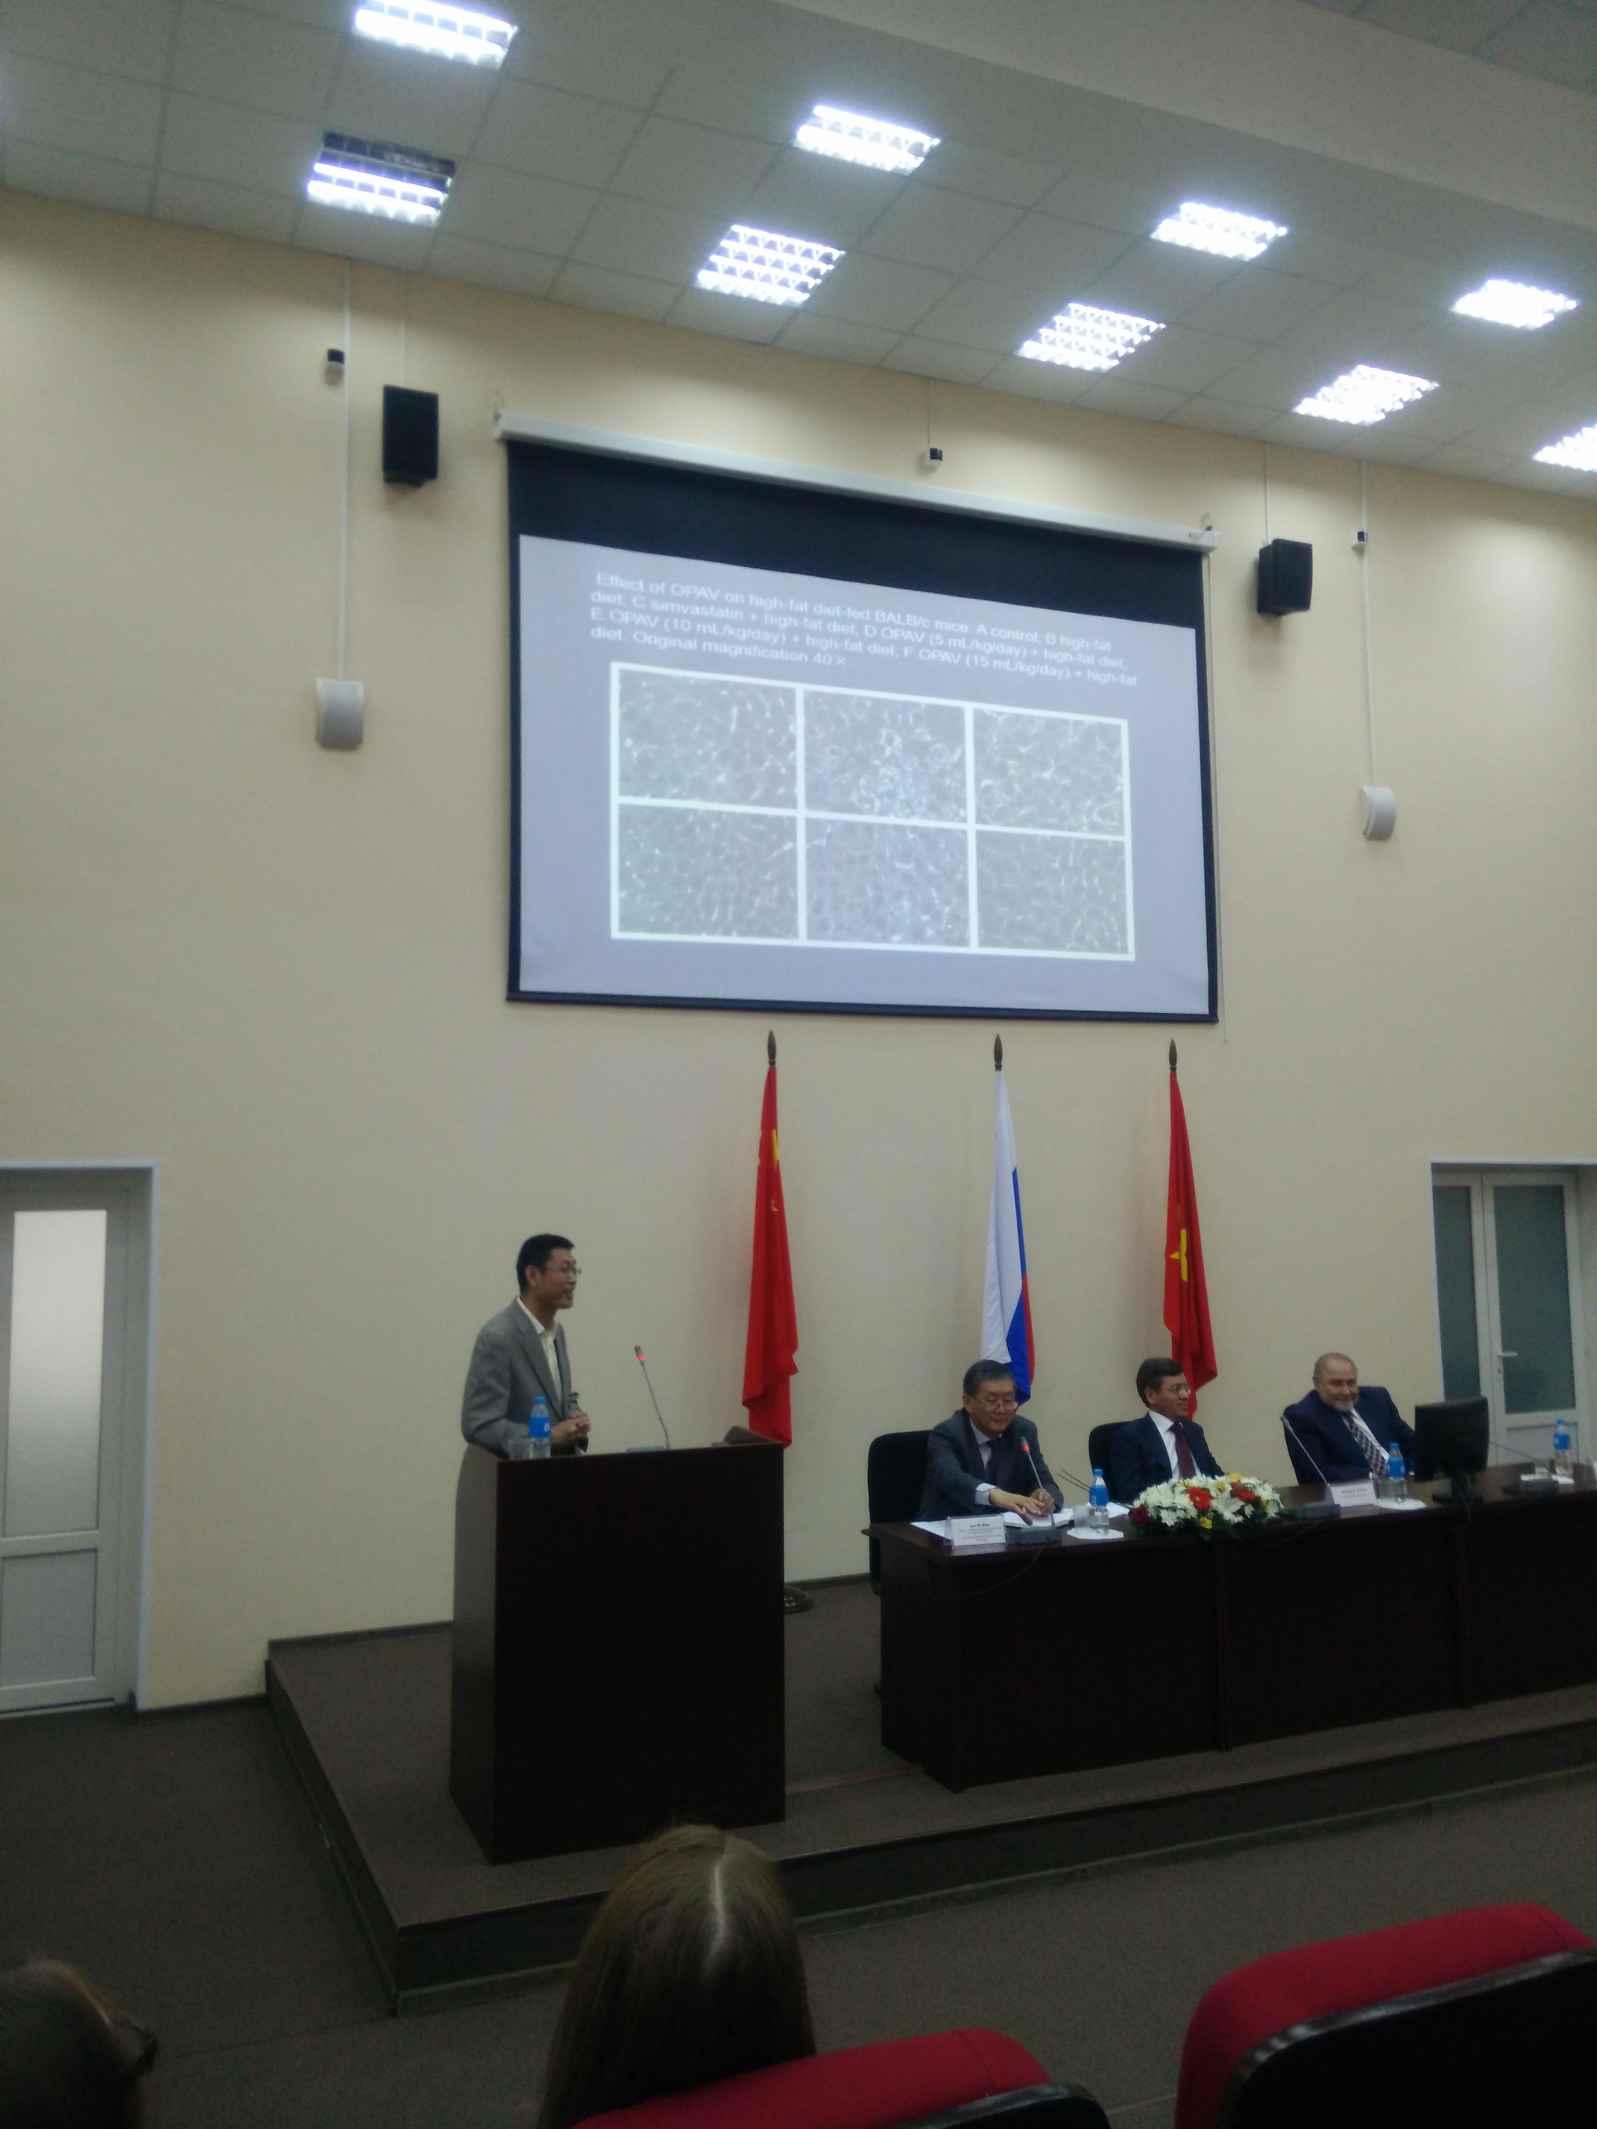 《大鲵活性肽制备工艺》在国际科学技术会议大放异彩